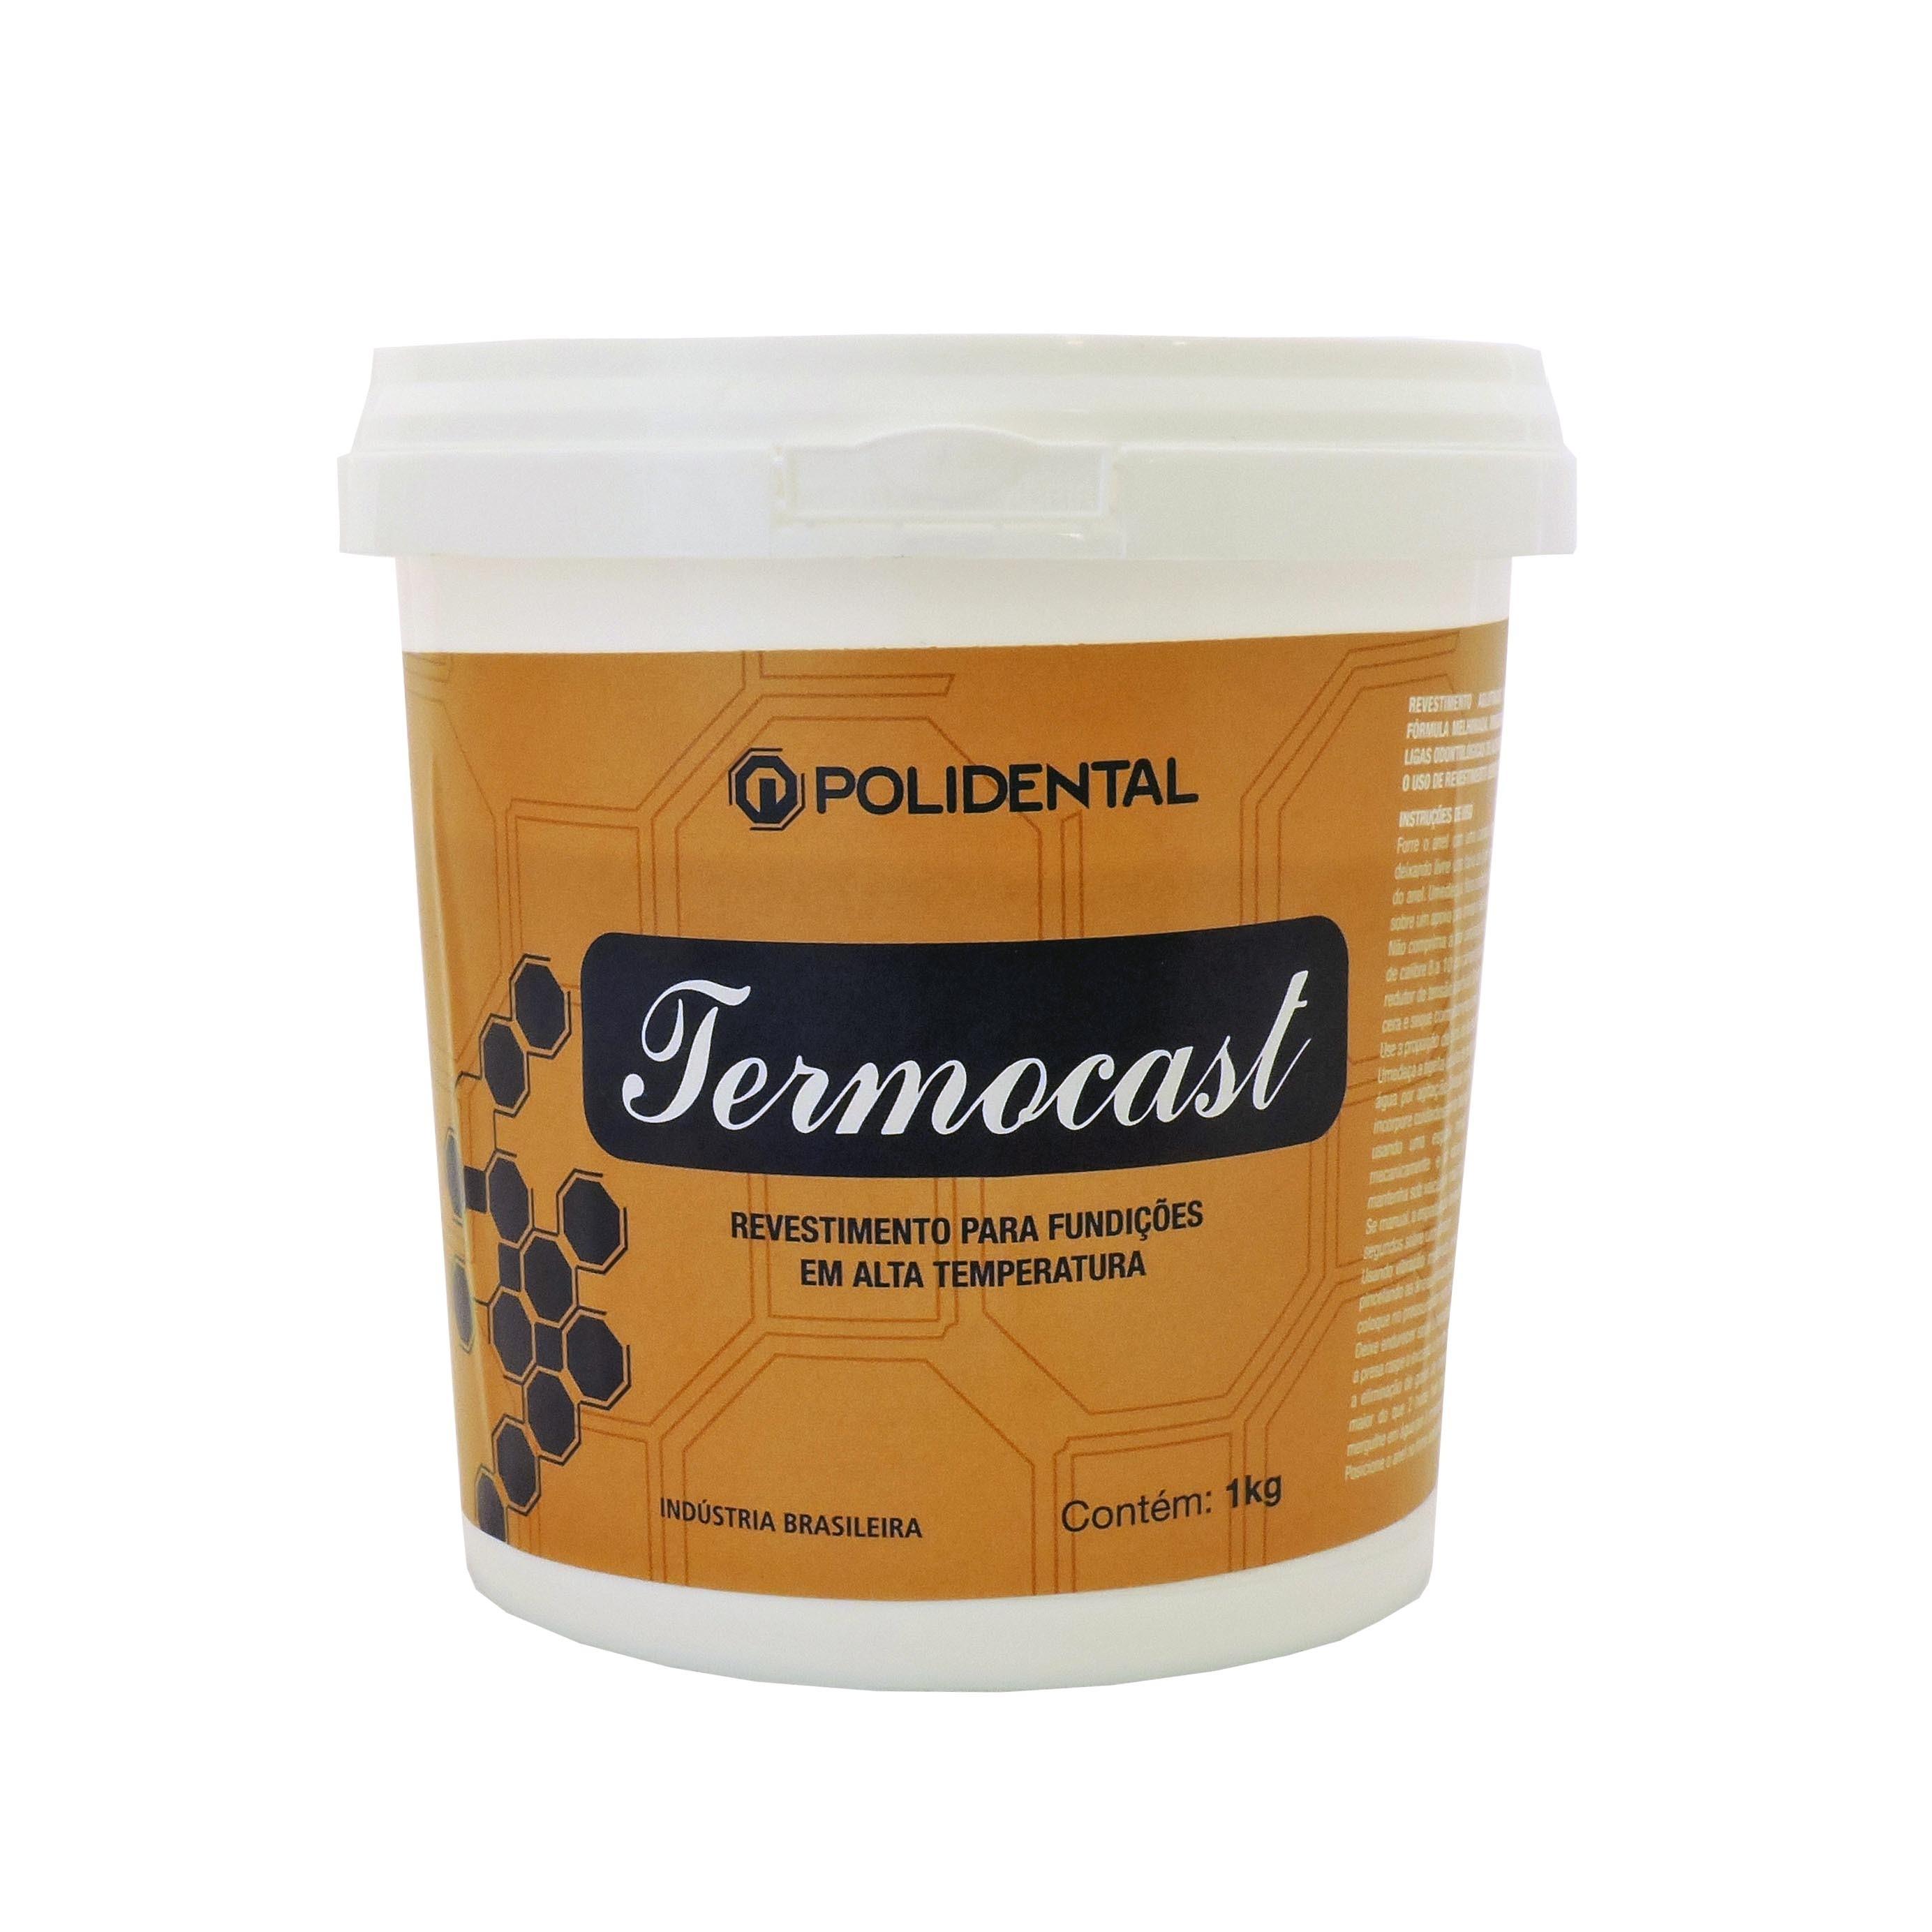 Revestimento Polidental Termocast - 1Kg pó